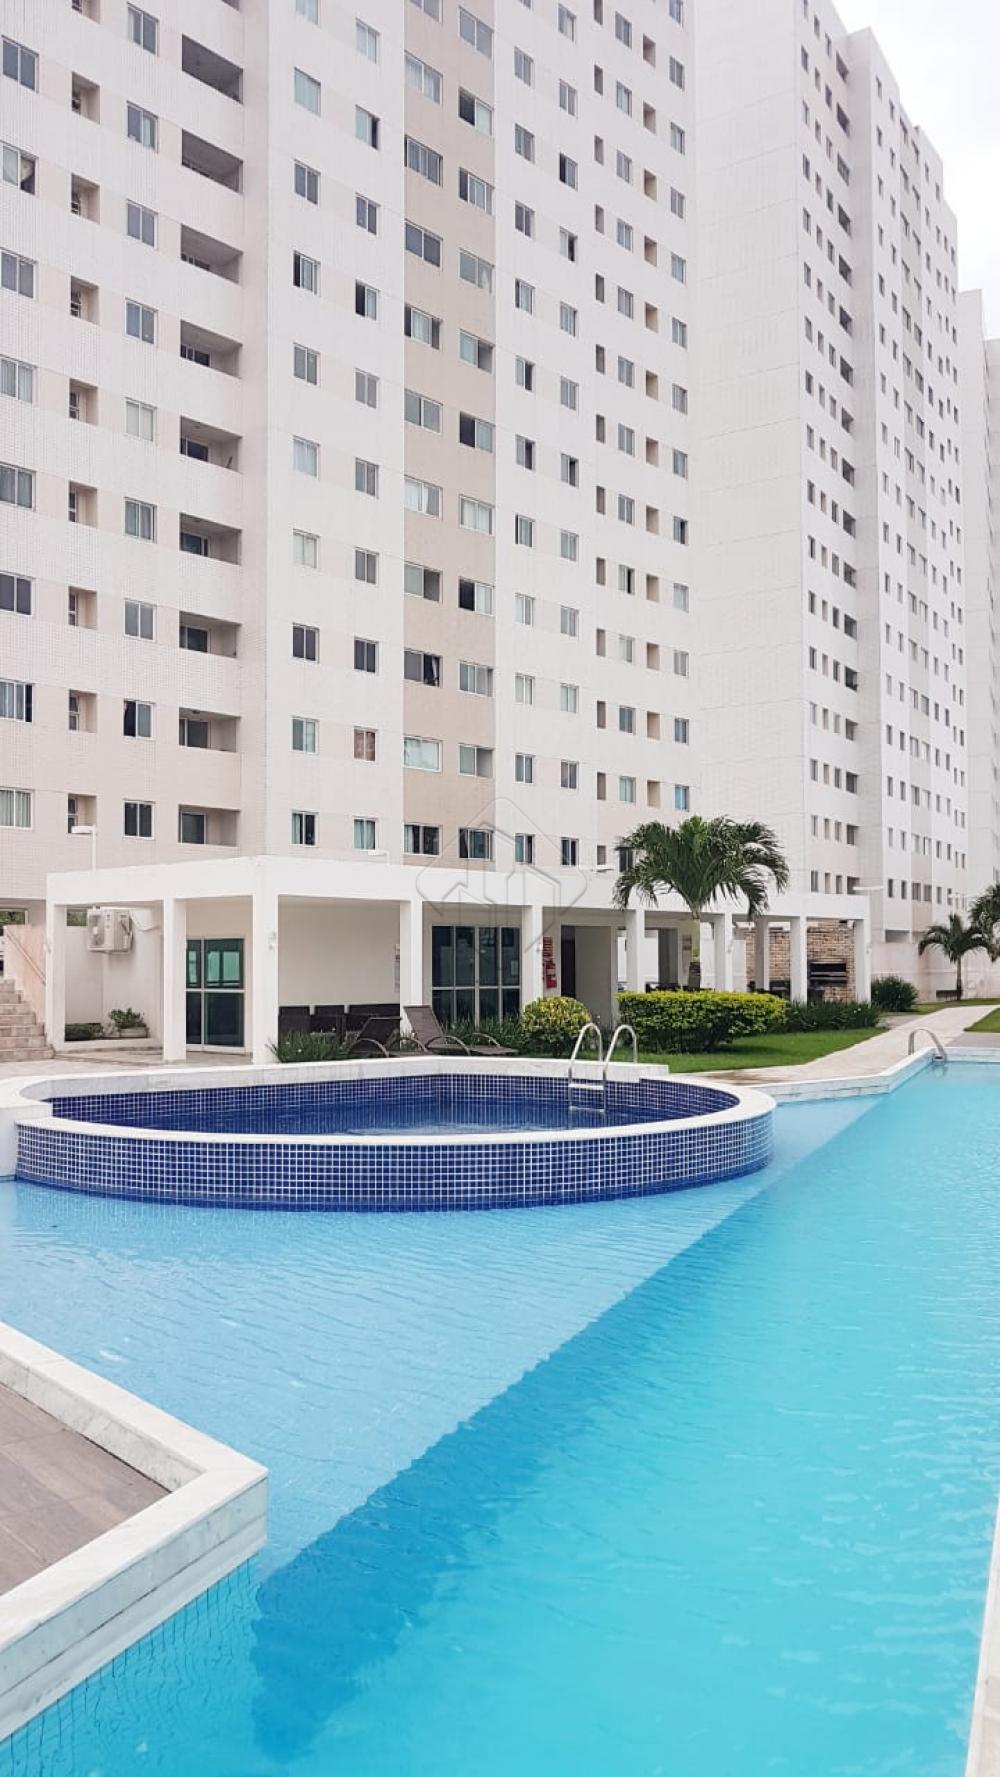 Comprar Apartamento / Padrão em João Pessoa apenas R$ 320.000,00 - Foto 1